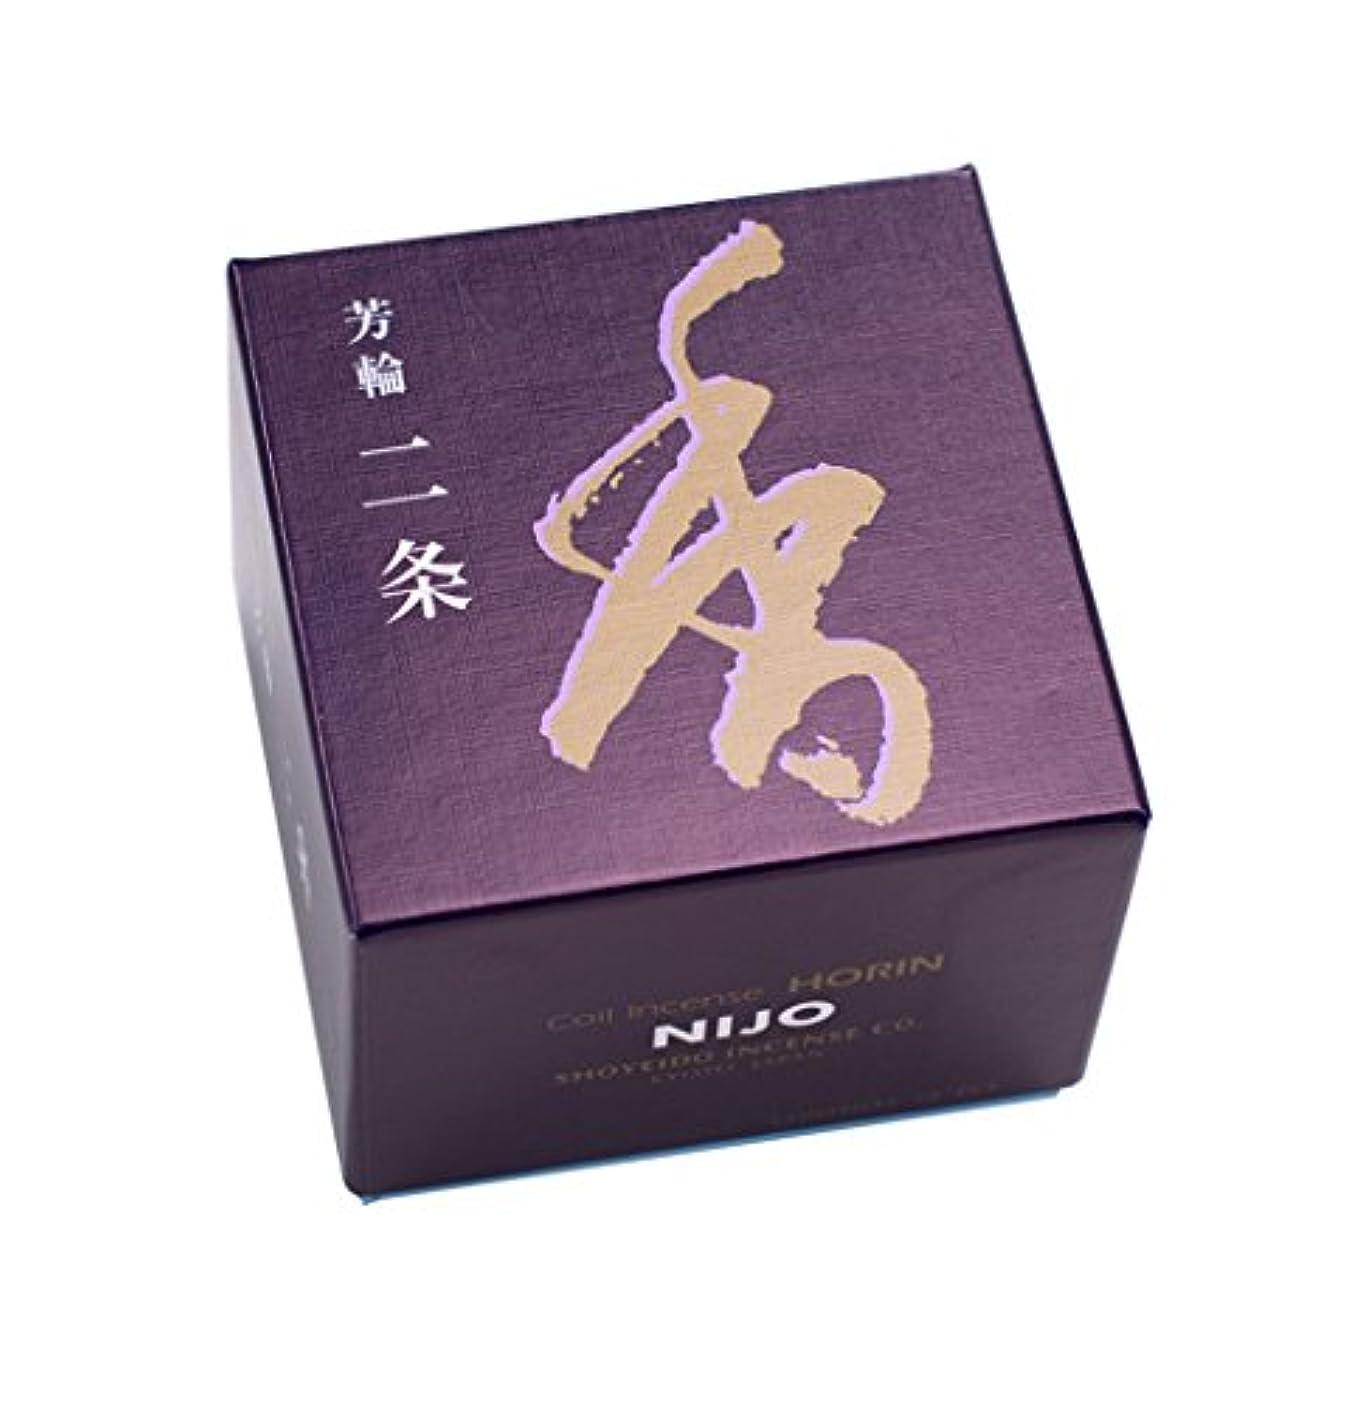 レジデンス性別合併松栄堂のお香 芳輪二条 渦巻型10枚入 うてな角型付 #210121